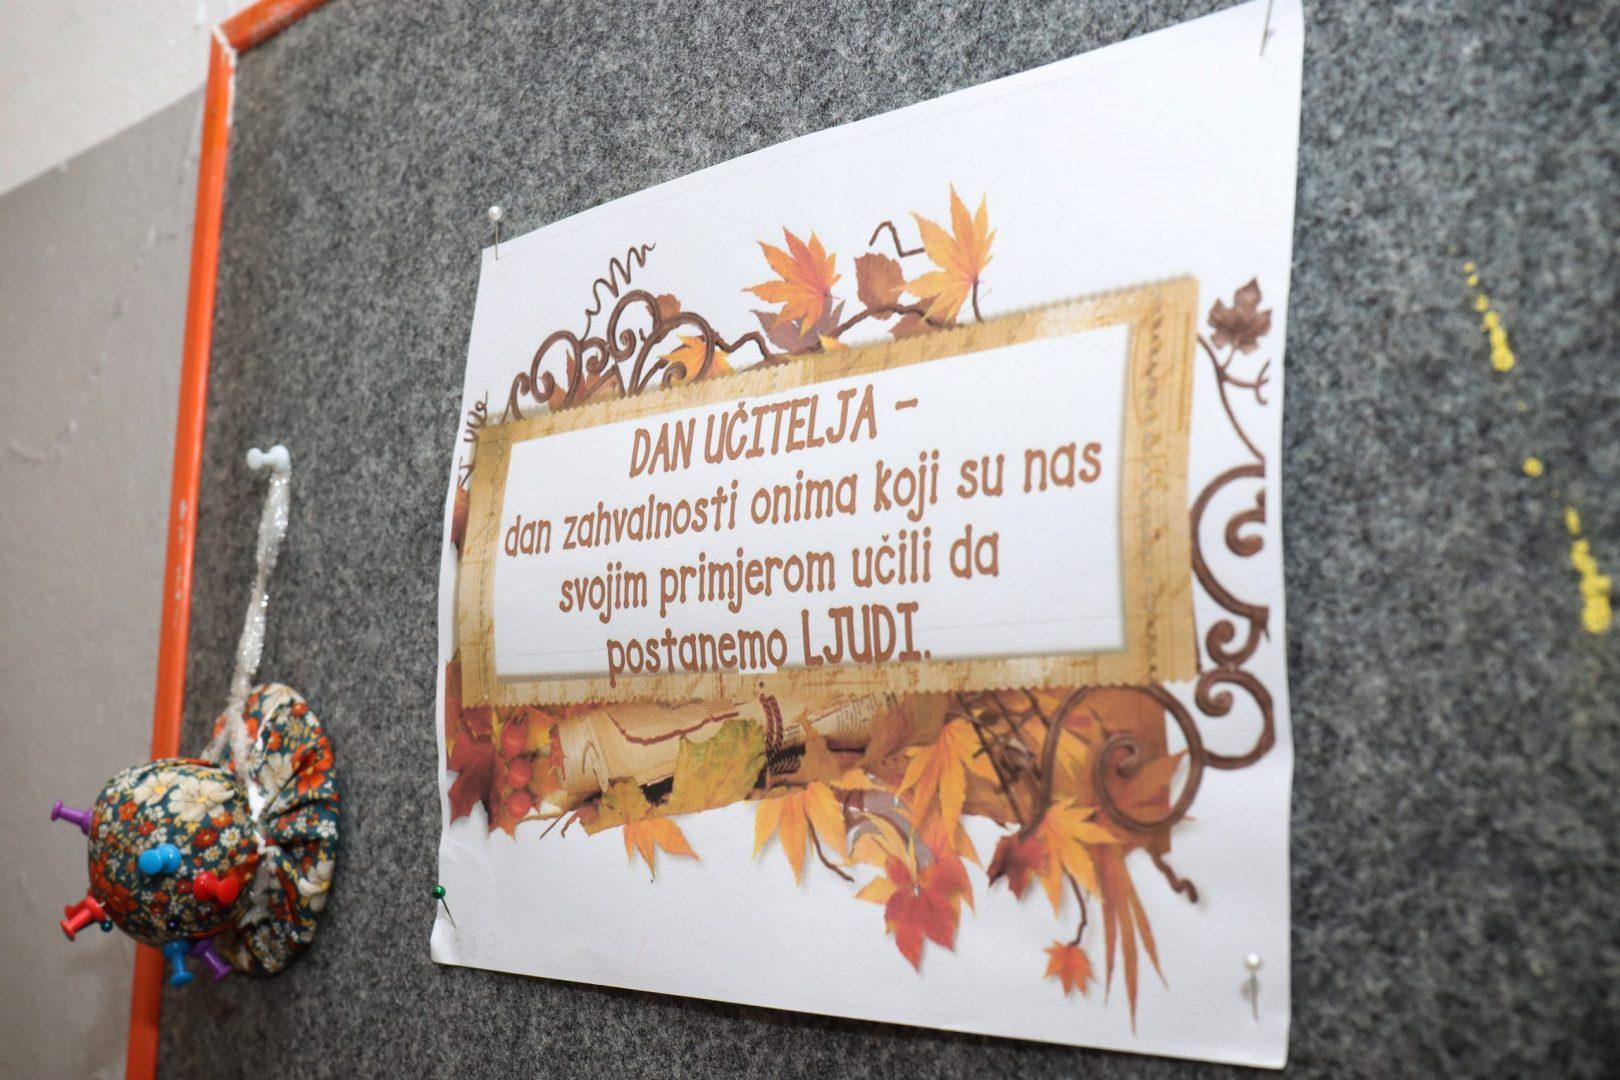 Načelnik Ivan Derdić čestitao učiteljima njihov dan